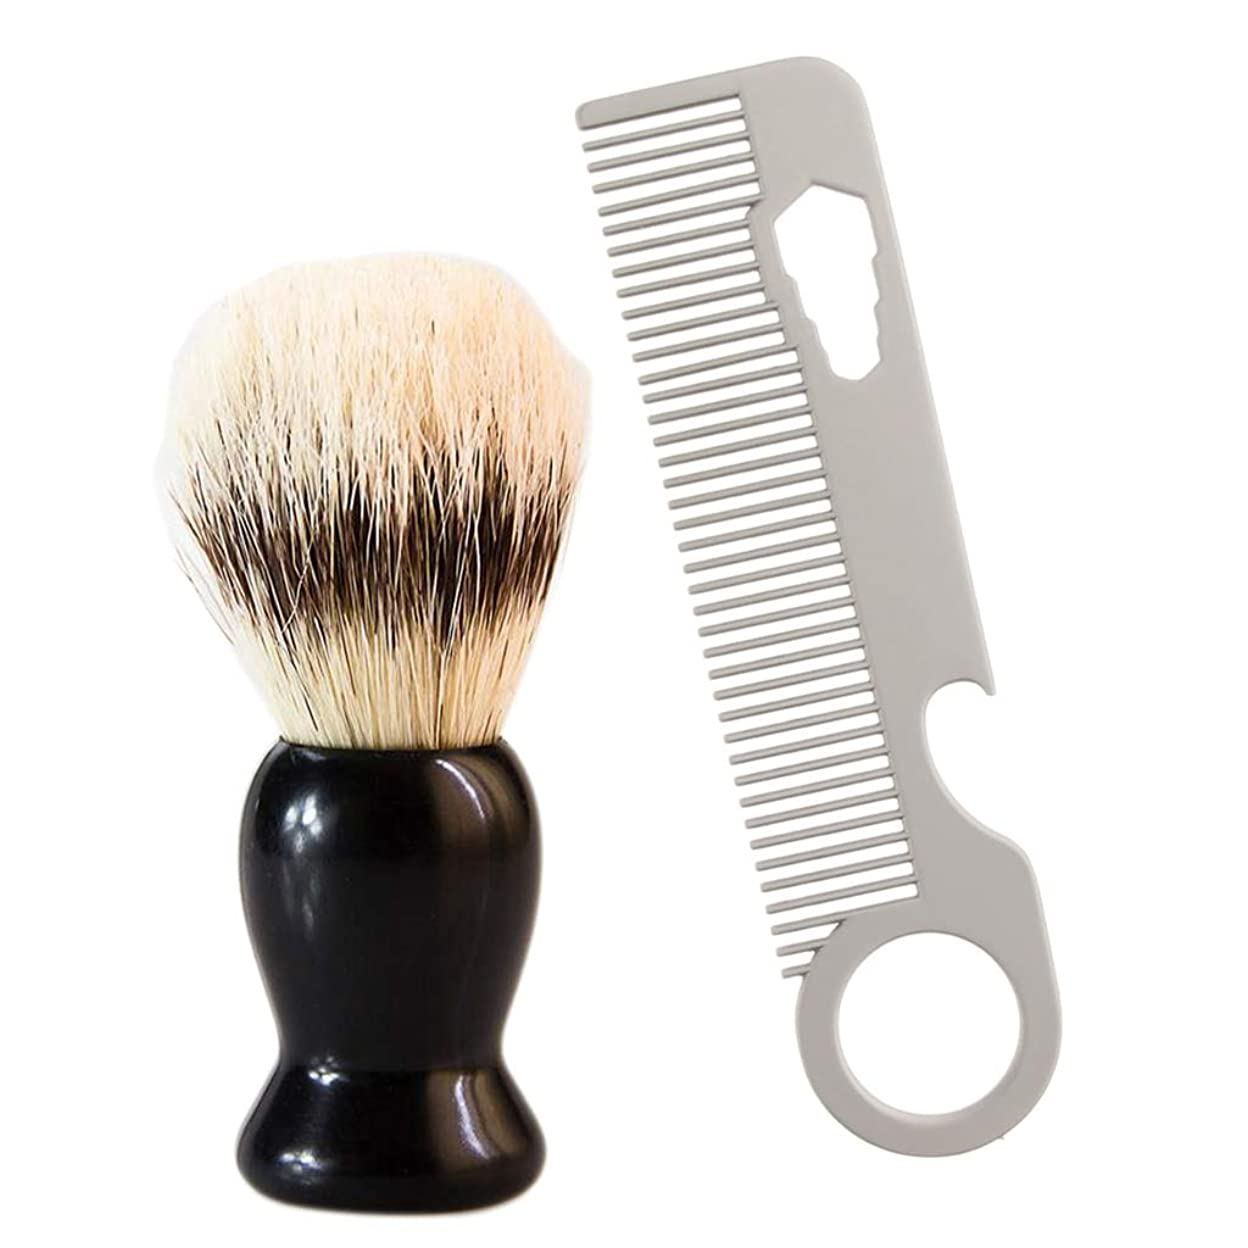 処分したジャグリング思慮のないFLAMEER メンズ シェービングブラシ サロン 髭剃り ステンレス ひげ剃り櫛 ビアードコーム 使いやすい 高級